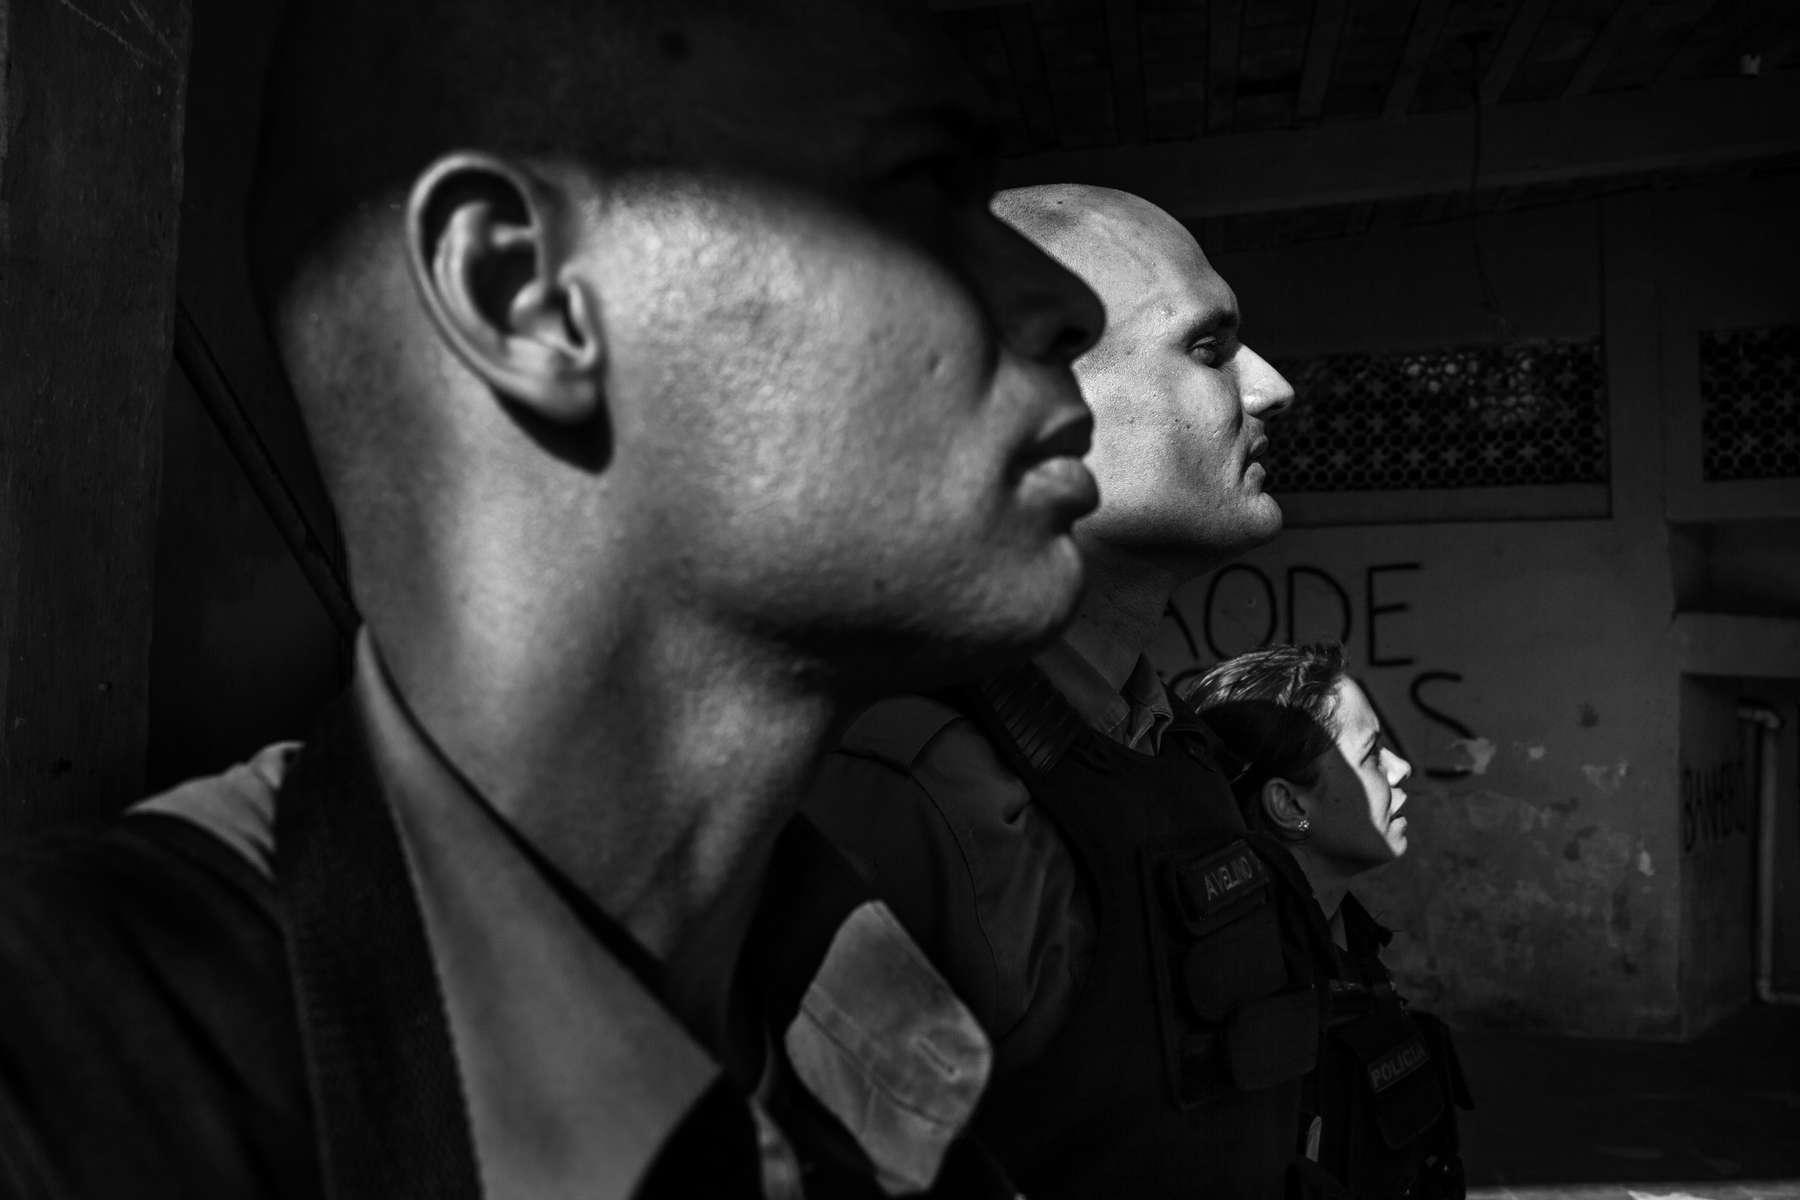 Los soldados de la UPP Jean Carlos, Avelino y Andressa toman un descanso mientras patrullan en la comunidad de Sao Carlos, en Río de Janeiro, Brasil, el 15 de marzo de 2012.Iniciado en 2008, la UPP, abreviatura de Unidade de Polícia Pacificadora (en inglés, Pacifier Police Unit o Police Pacification Unit), es un nuevo sistema de policía comunitaria en las favelas de Río de Janeiro, una vez dirigido por narcotraficantes.Si bien muchos creen que las UPP han ayudado a sofocar la violencia al abrir las puertas de las favelas a los servicios públicos como el suministro legal de electricidad, la recolección de basura, la educación, las obras públicas y el programa de asistencia social, otros ven el programa de pacificación como un encubrimiento temporal de la seguridad problemas en Río de Janeiro.